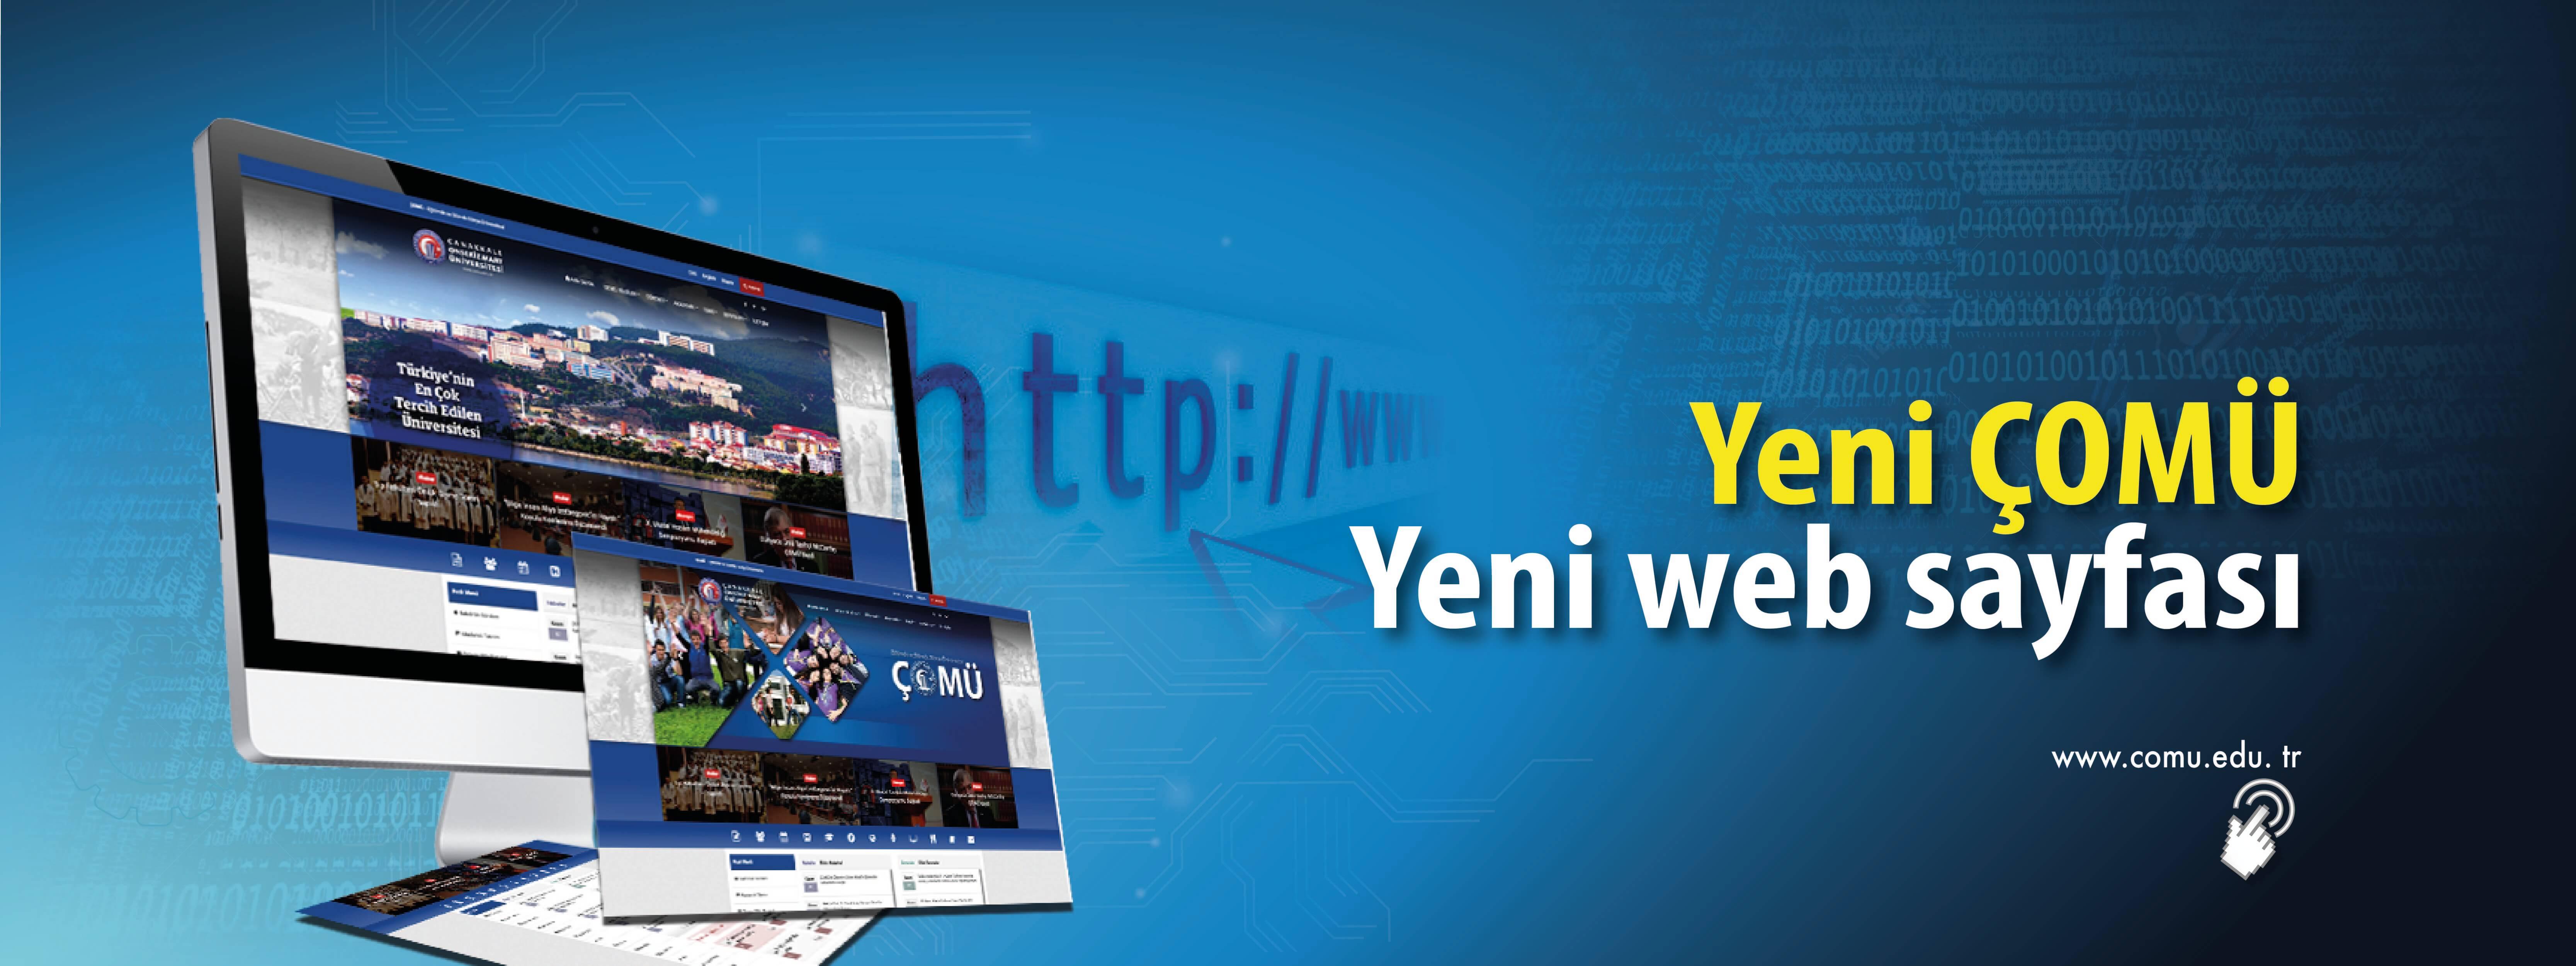 Yeni ÇOMÜ'nün Yeni Web Sayfası Yayında